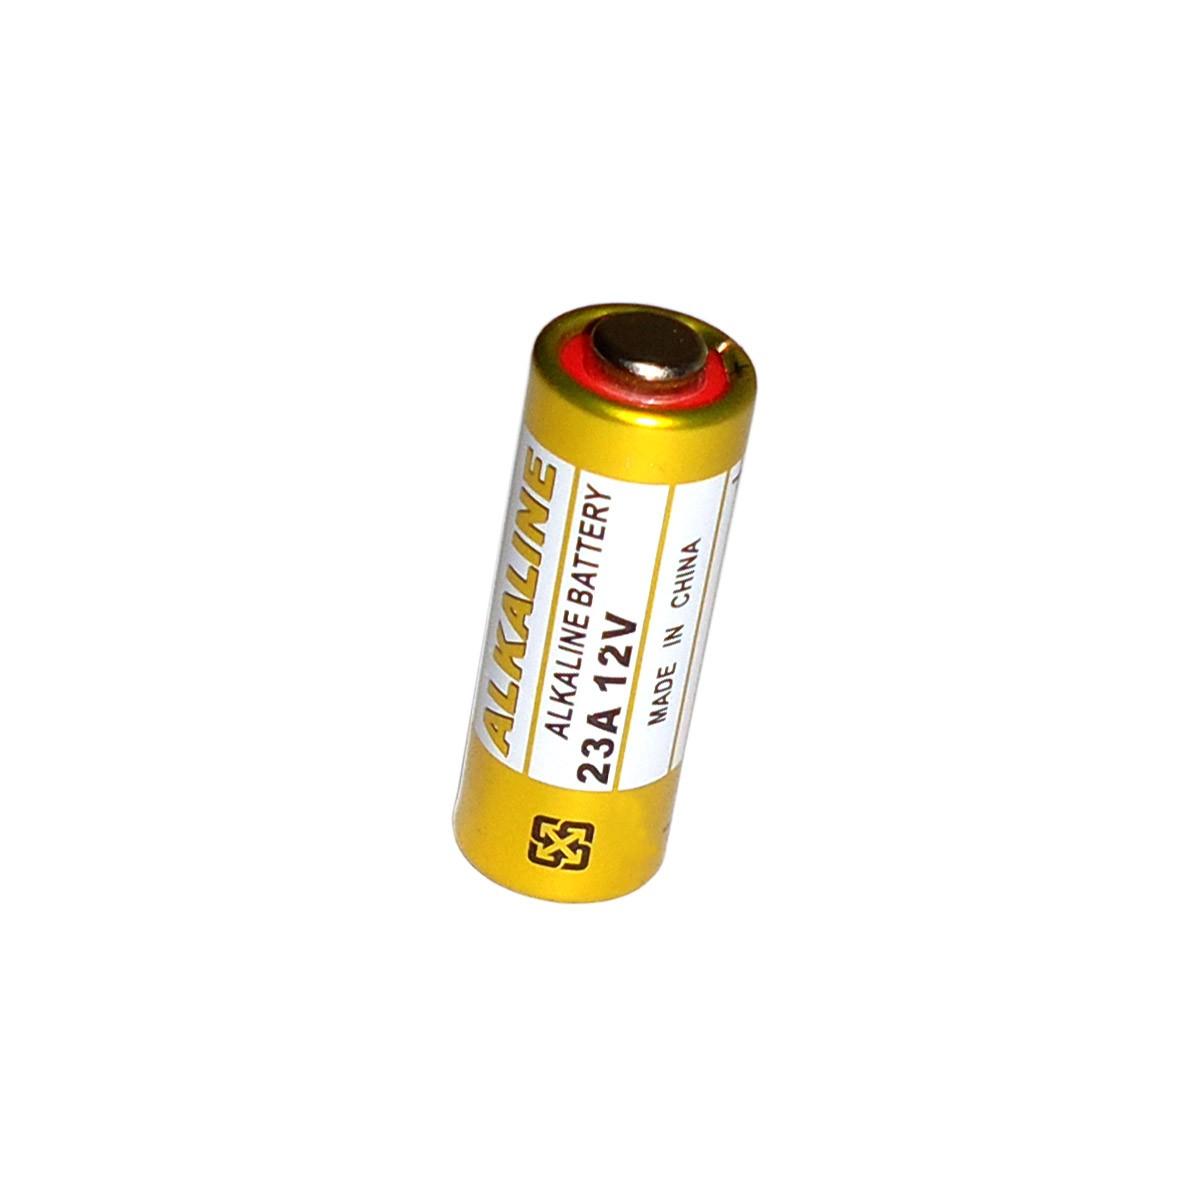 Kit 100 Pilhas Bateria 23a 12v Controle Alarme Portão Bulk